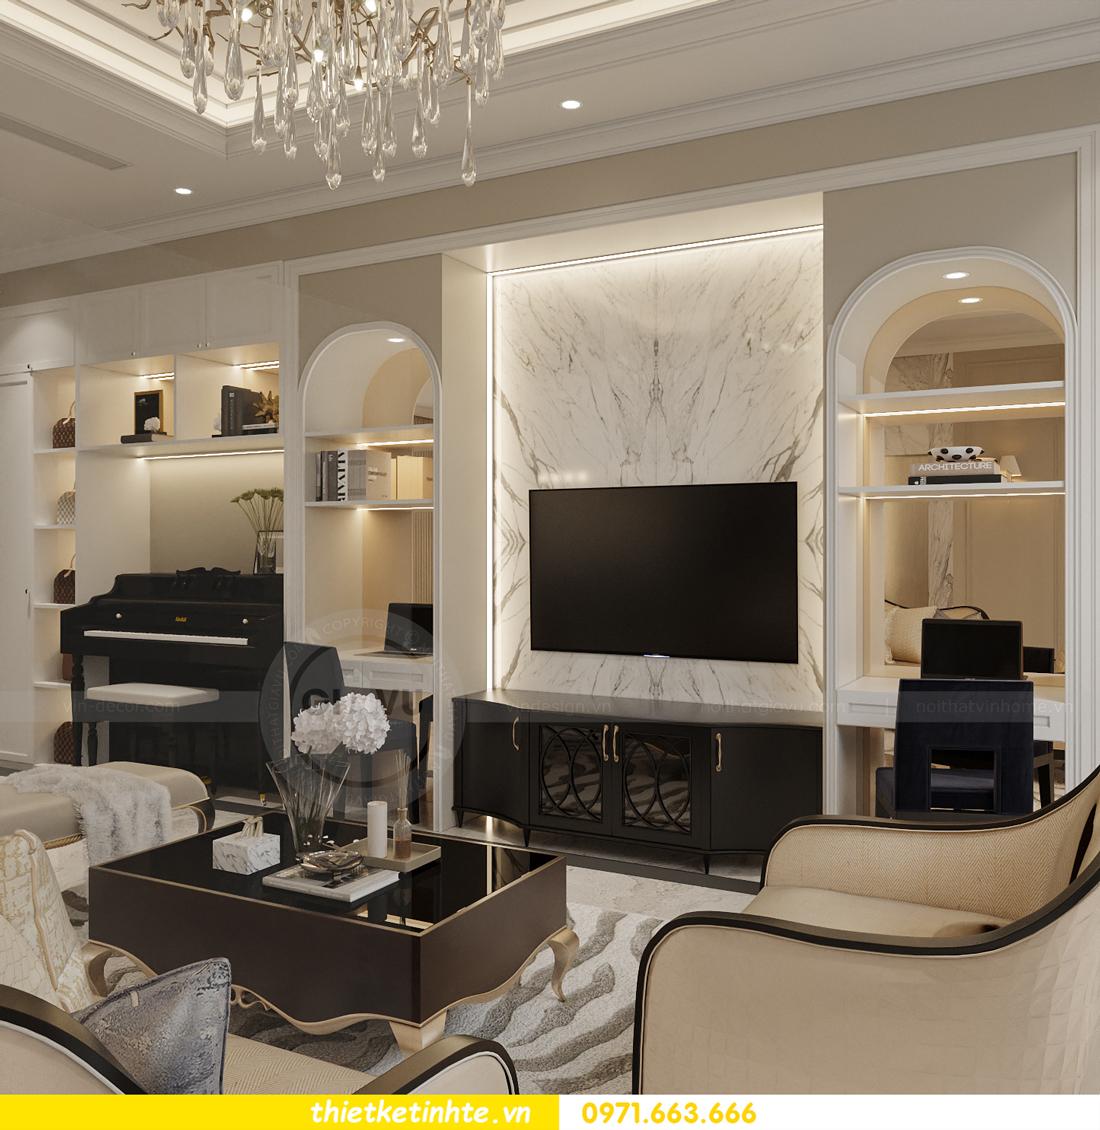 Thiết kế nội thất biệt thự Sao Biển 02-29 Ocean Park căn 90m2 7